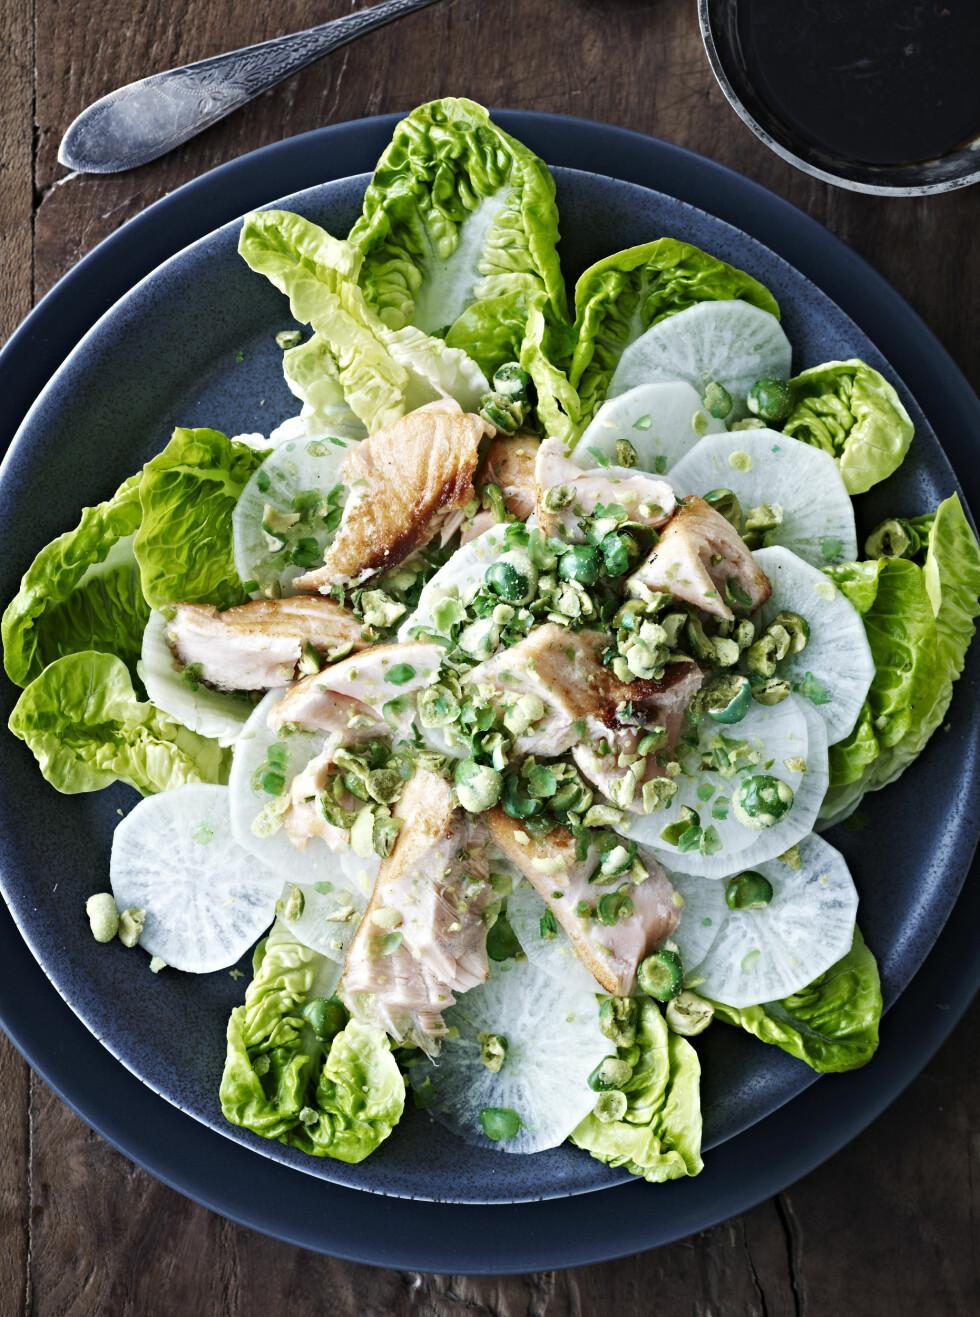 RASK SALAT: Salaten er superrask å lage. Det er risen som tar tid. Bytt dem ut med nudler eller brød hvis det skal gå fort! Foto: All Over Press